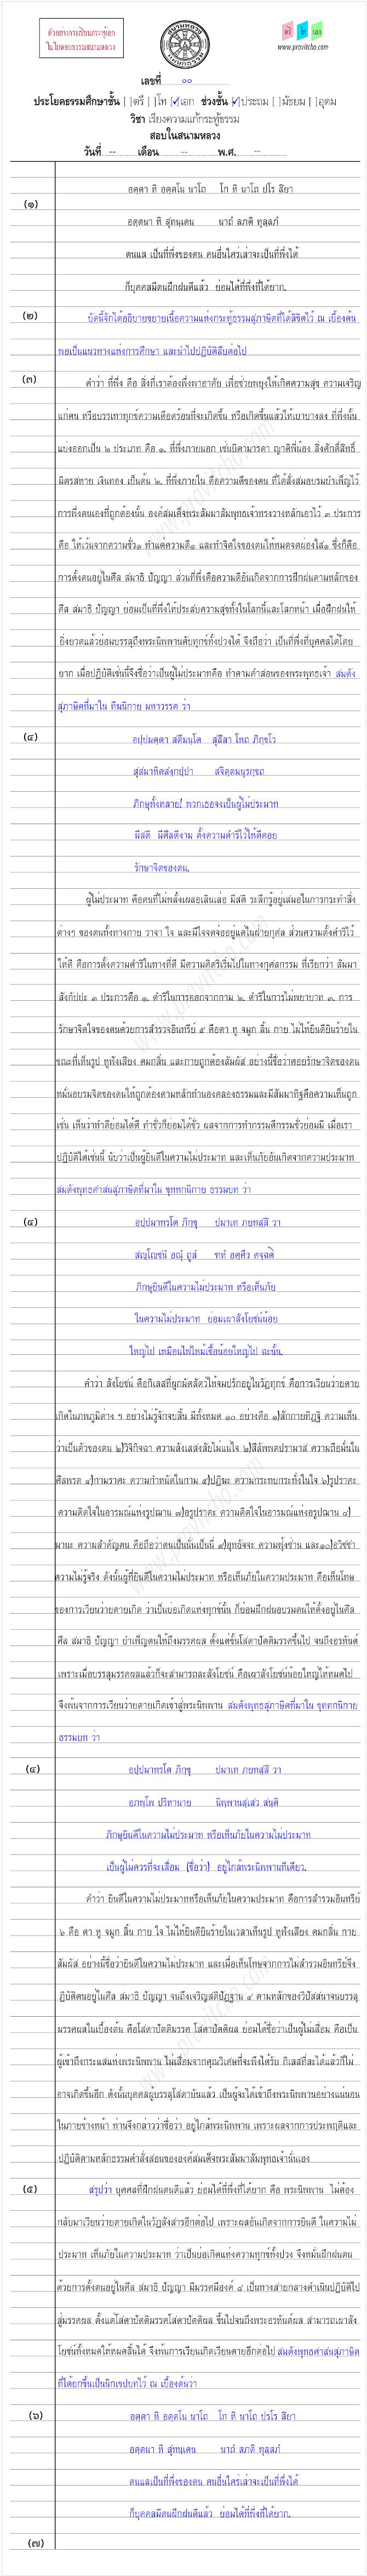 <h1>ตัวอย่างการเขียนกระทูธรรมชั้นเอก</h1>